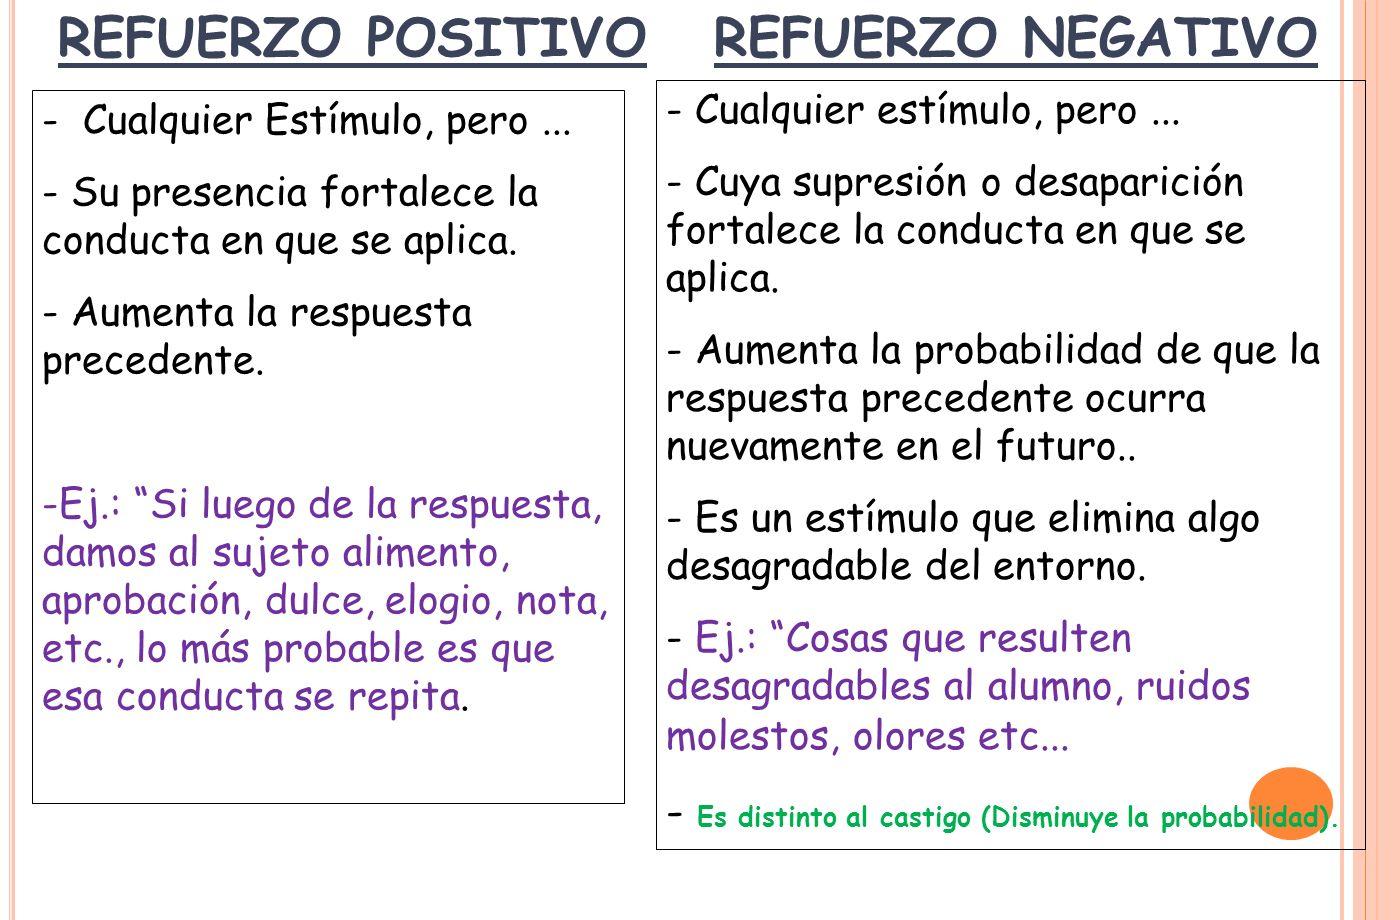 –Reforzador positivo: consolida la respuesta al presentar un estímulo positivo después de la respuesta –Reforzador negativo: consolida la respuesta al reducir o eliminar un estímulo contrario, desagradable